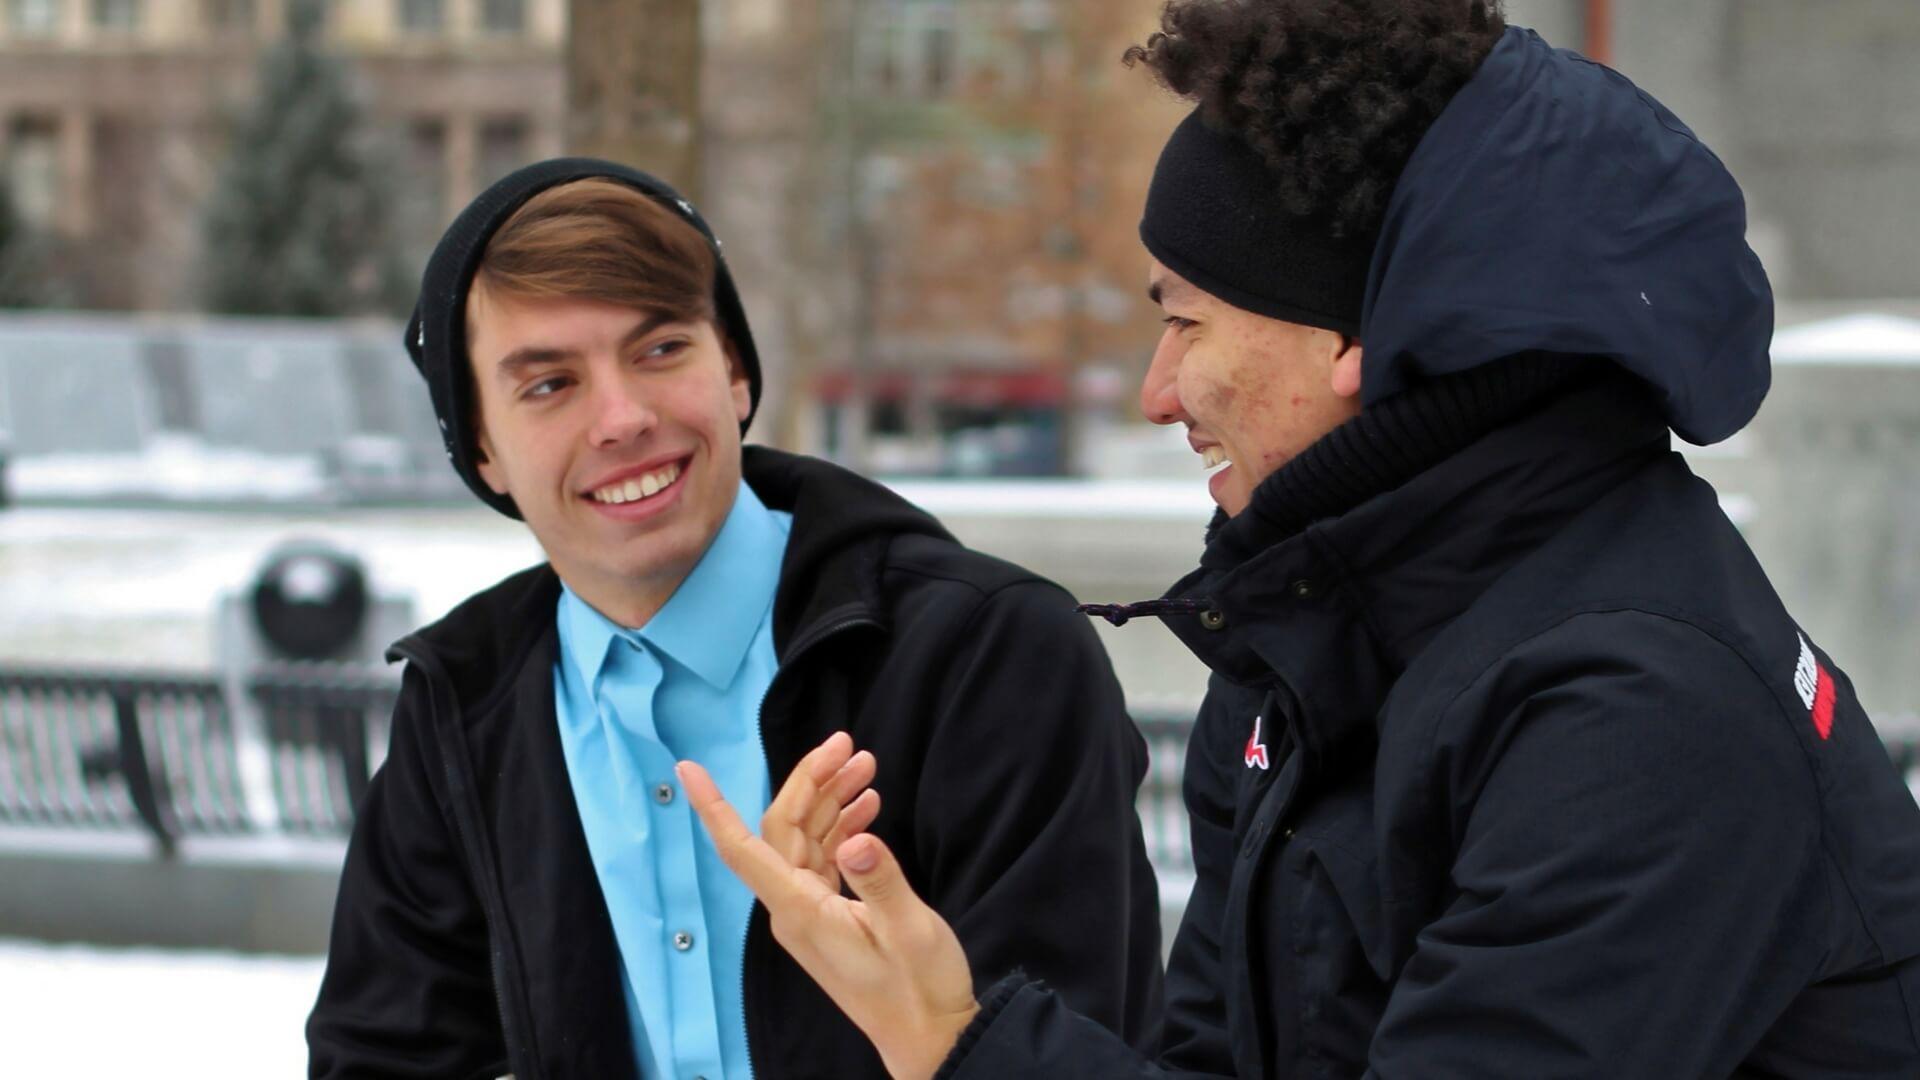 Conversa Com Jesus - Como Falar Com Deus